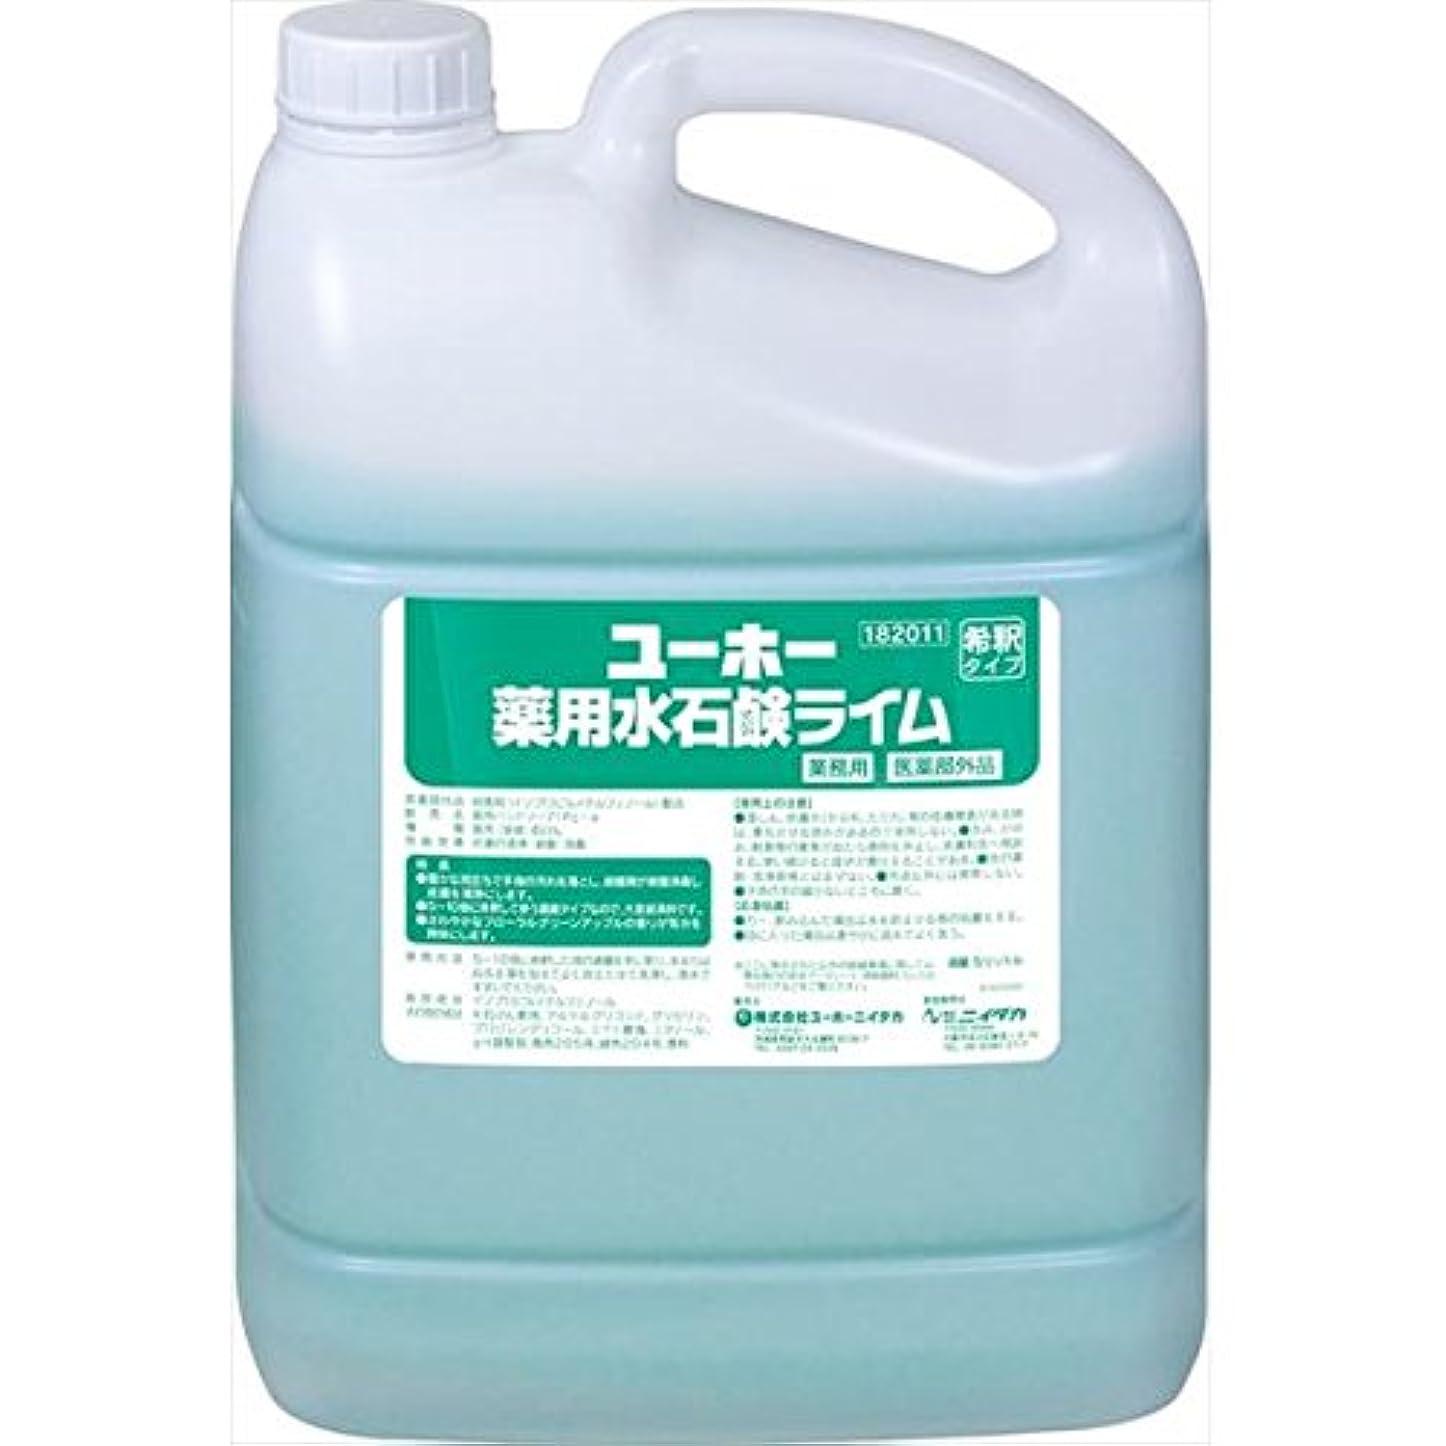 原子炉冷えるもっともらしいユーホーニイタカ:薬用水石鹸ライム 5L×2 182011